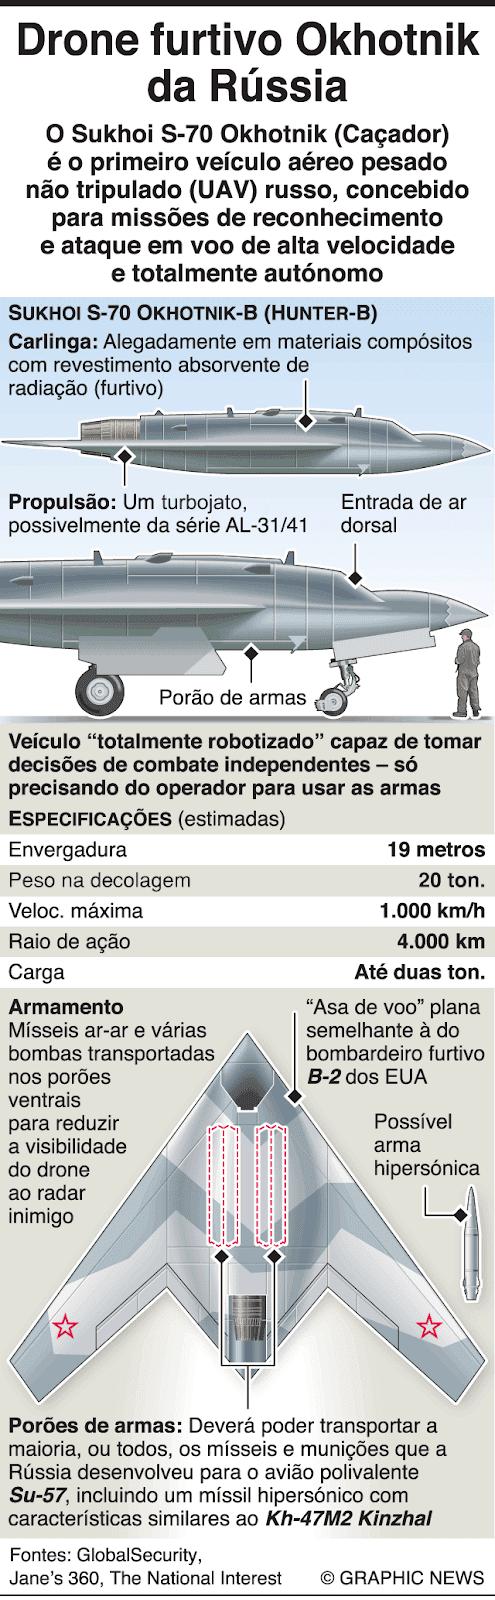 A infografia mostra os detalhes do veículo aéreo não tripulado Sukhoi S-70 Okhotnik [06/05/2019 Graphic News]